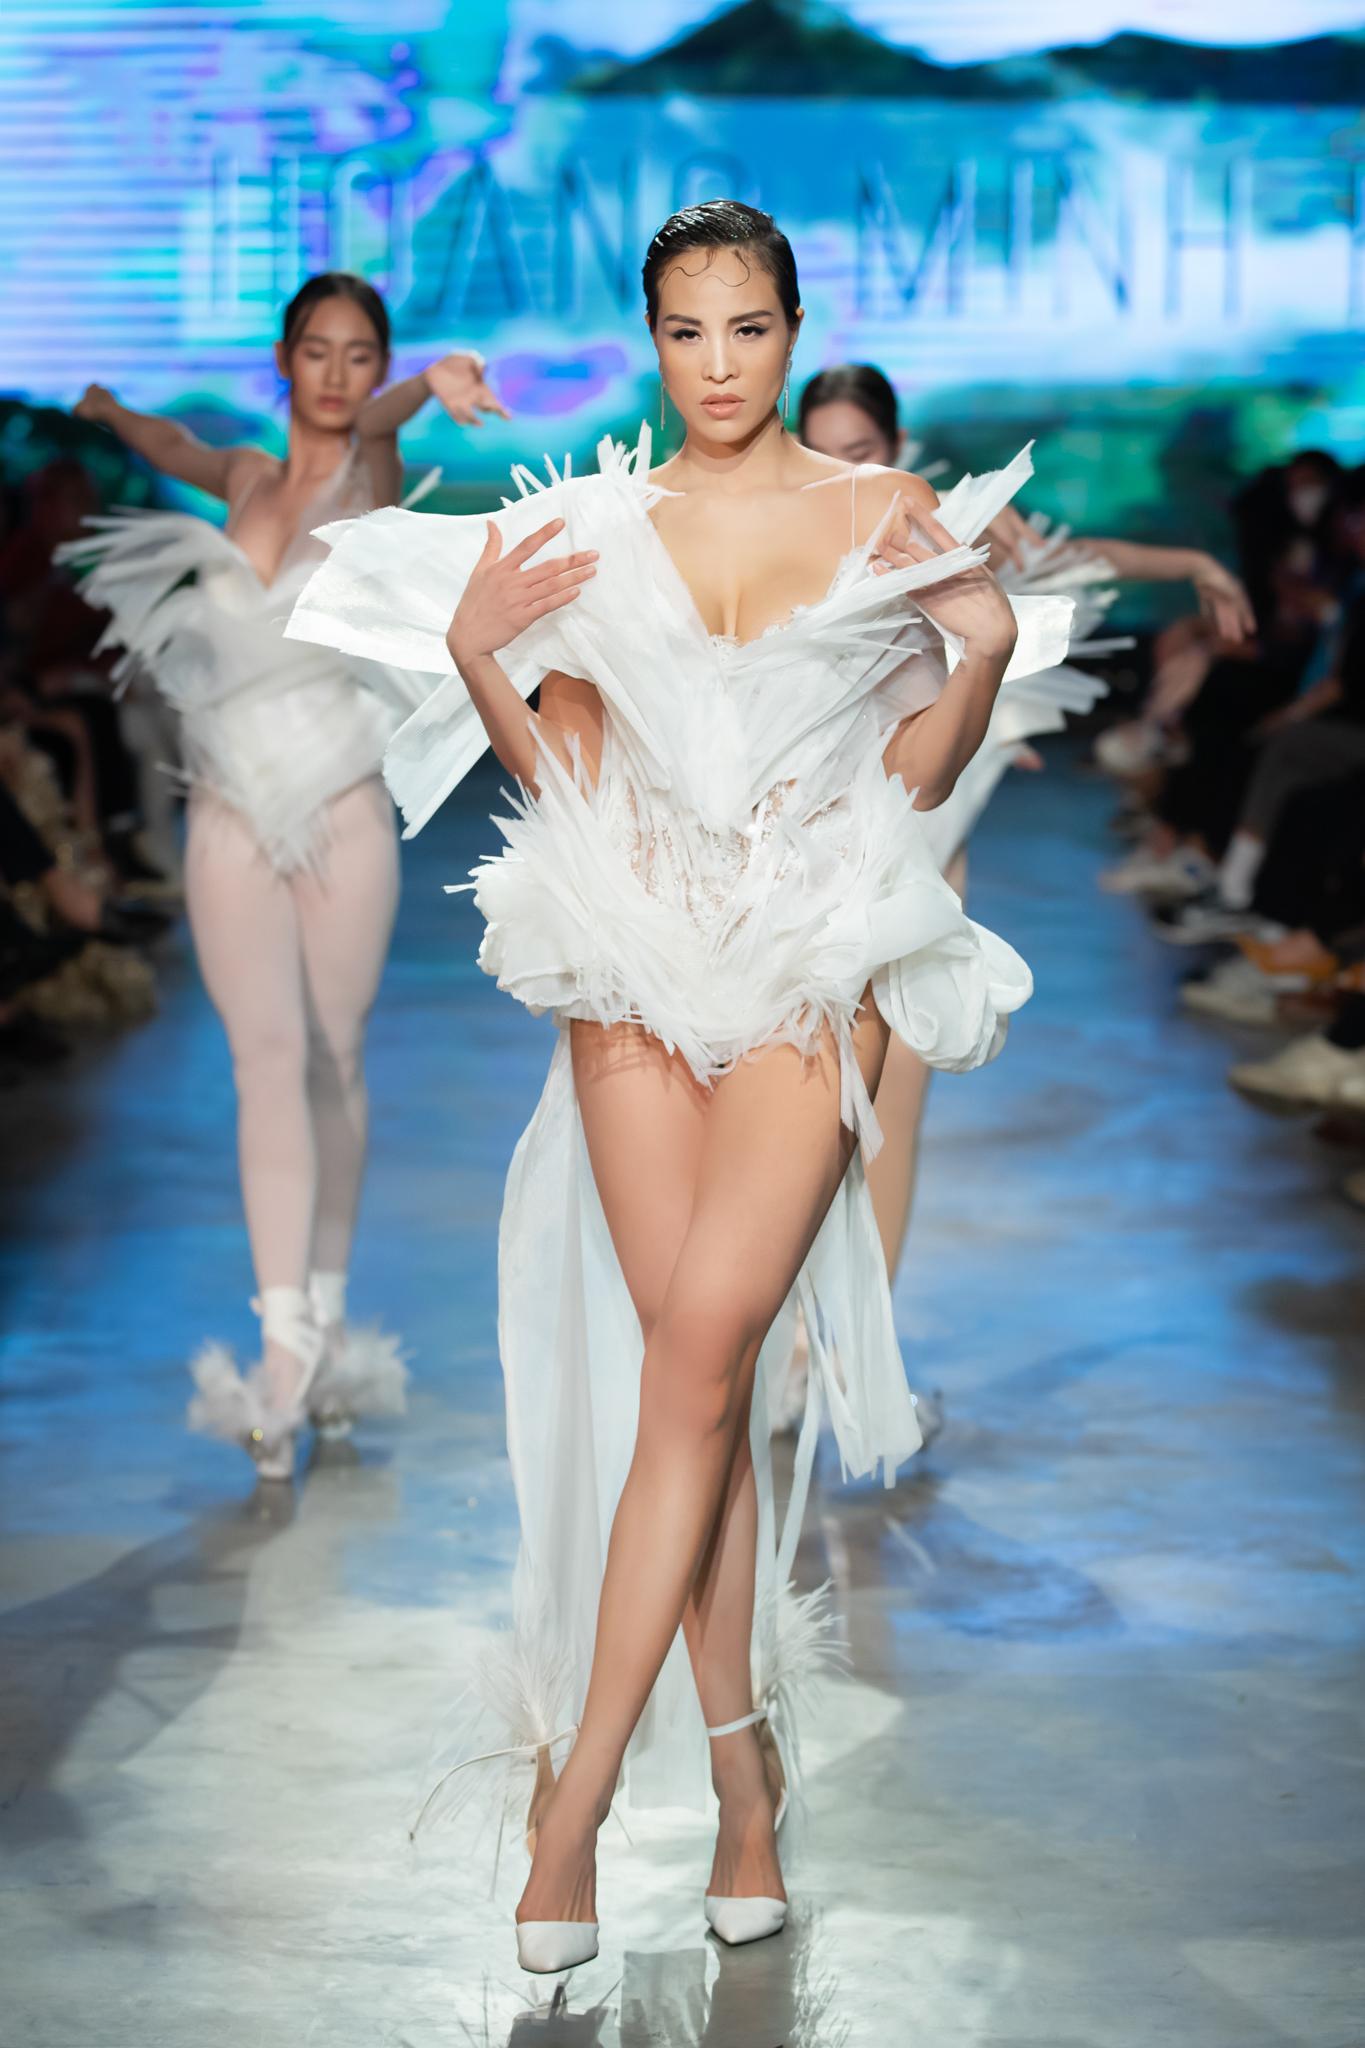 Phương Mai hóa thân thành vũ công múa cột, Võ Hoàng Yến nhảy múa tung tăng trên sàn rumway ngày cuối Fashion Festival - Ảnh 8.